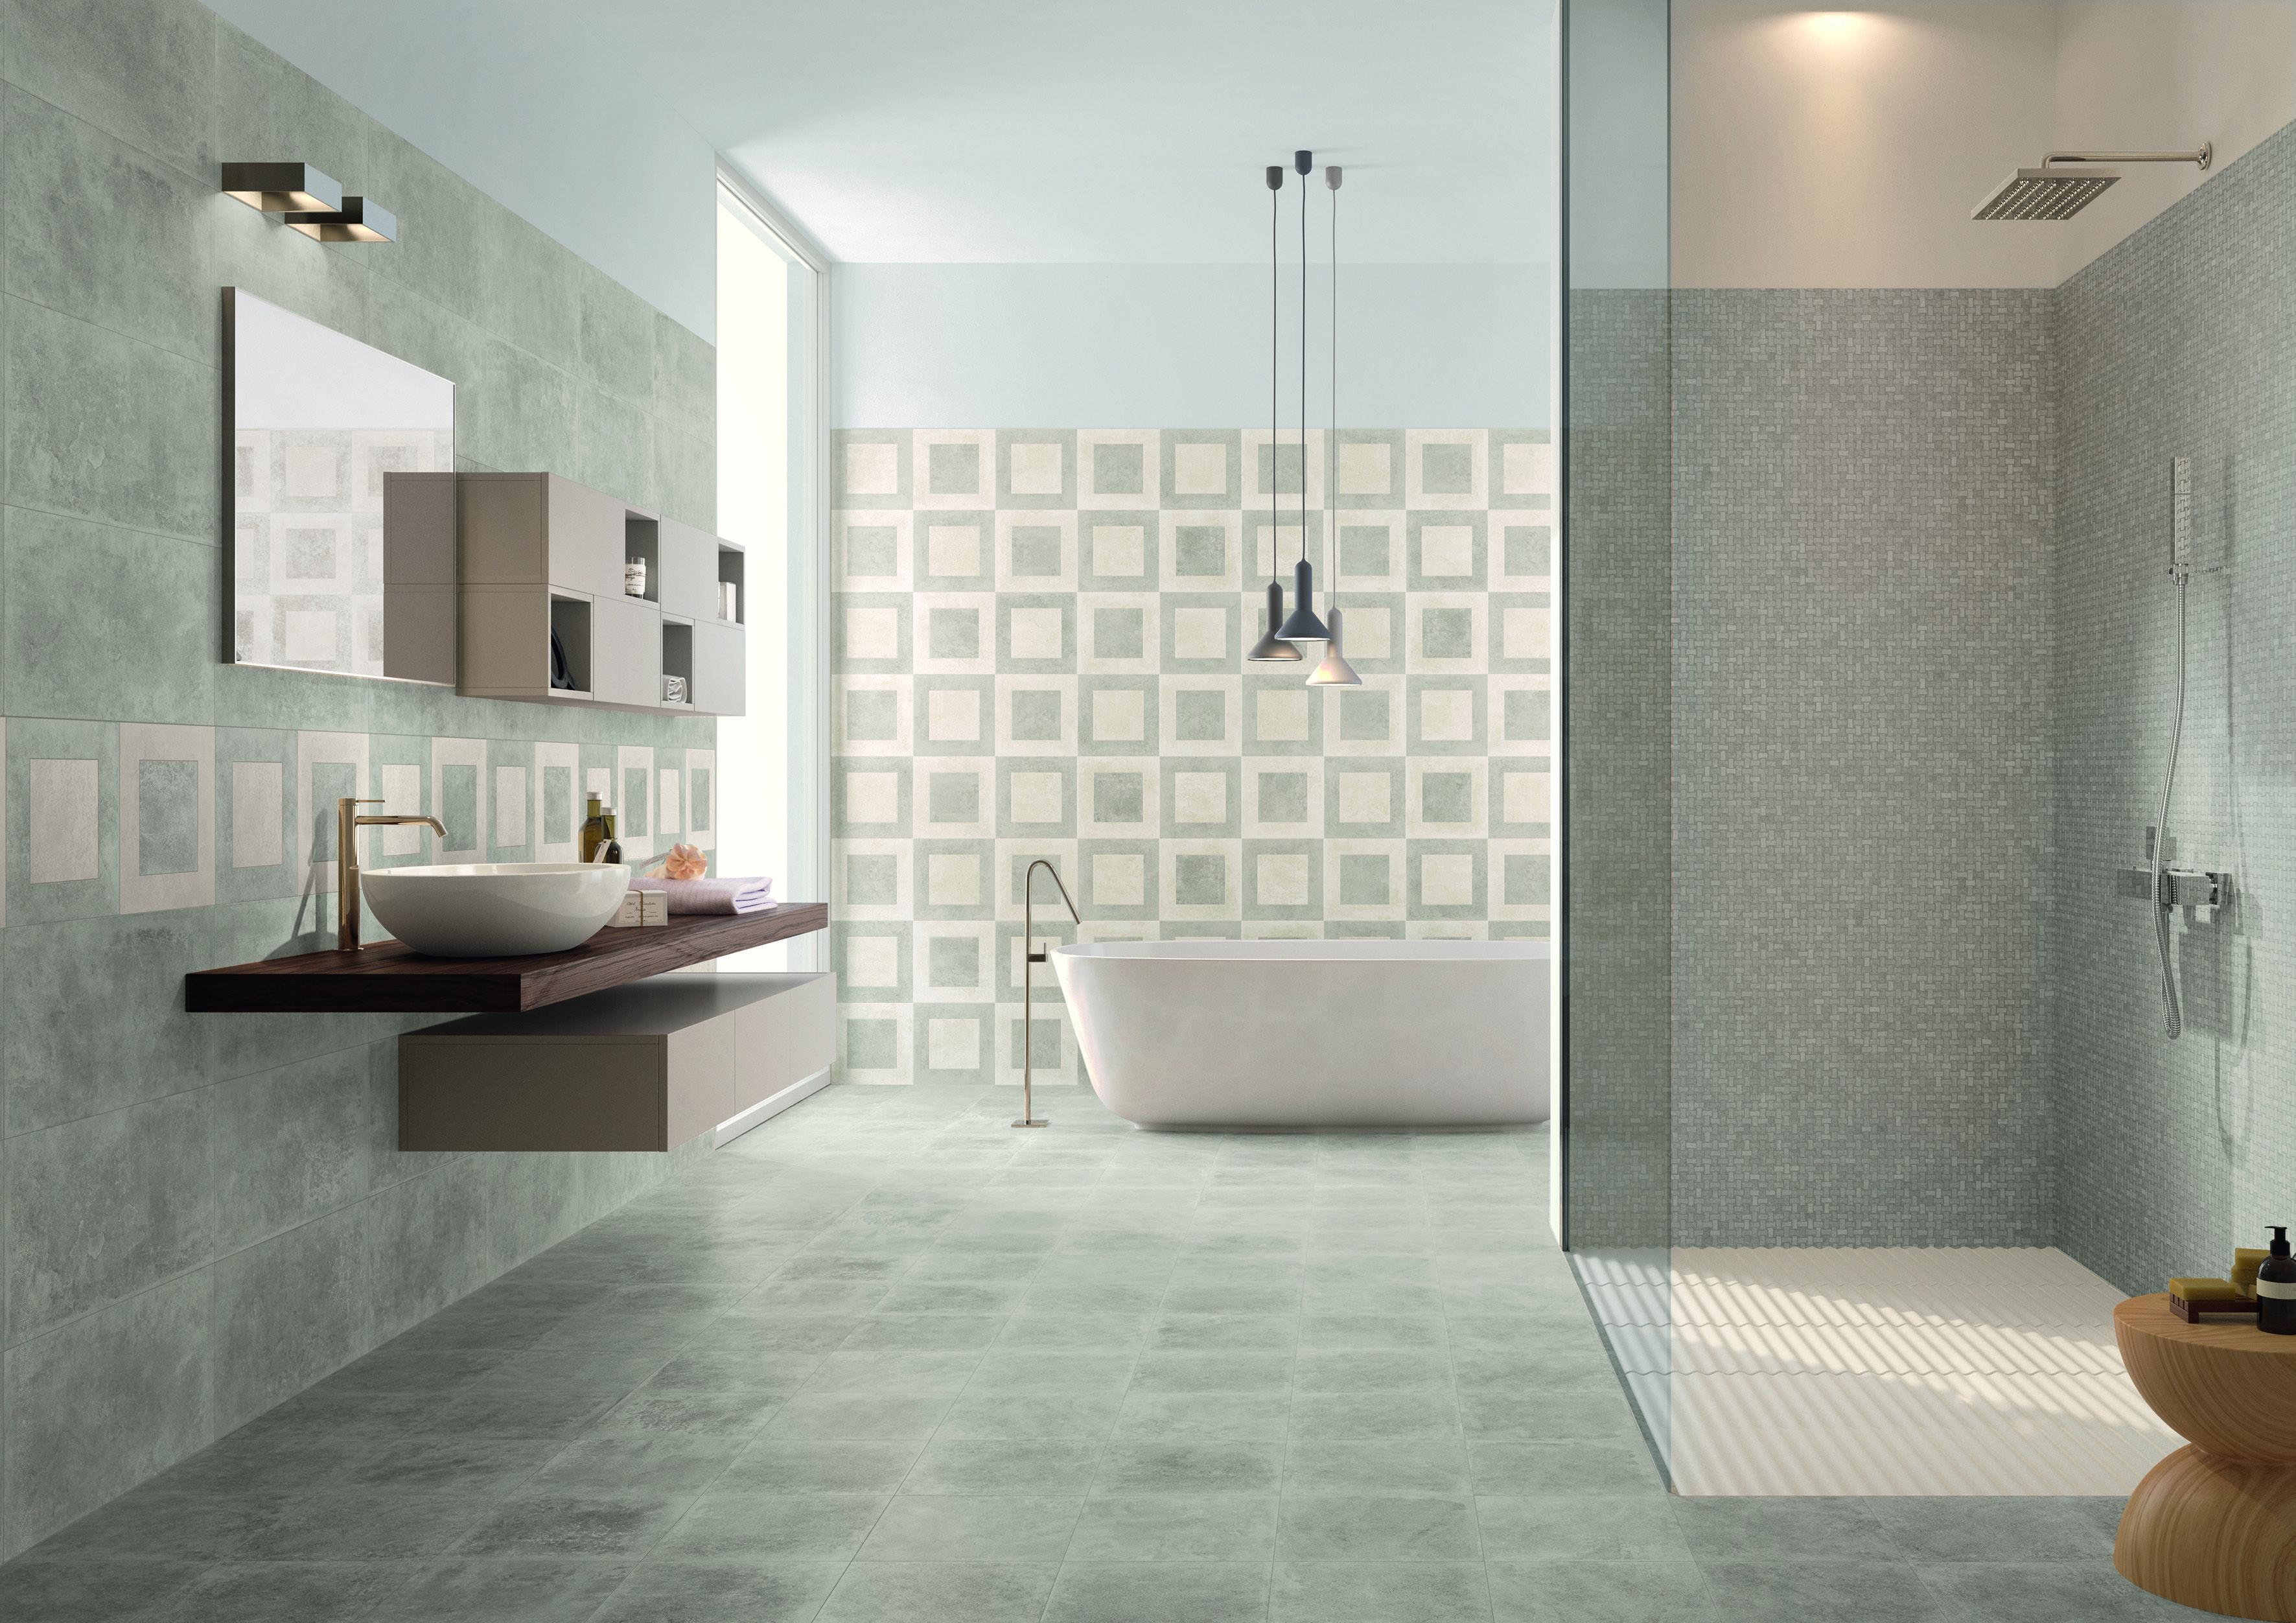 Quadri Per Bagno Moderno emilceramica - petra collection - colour: grey - decor